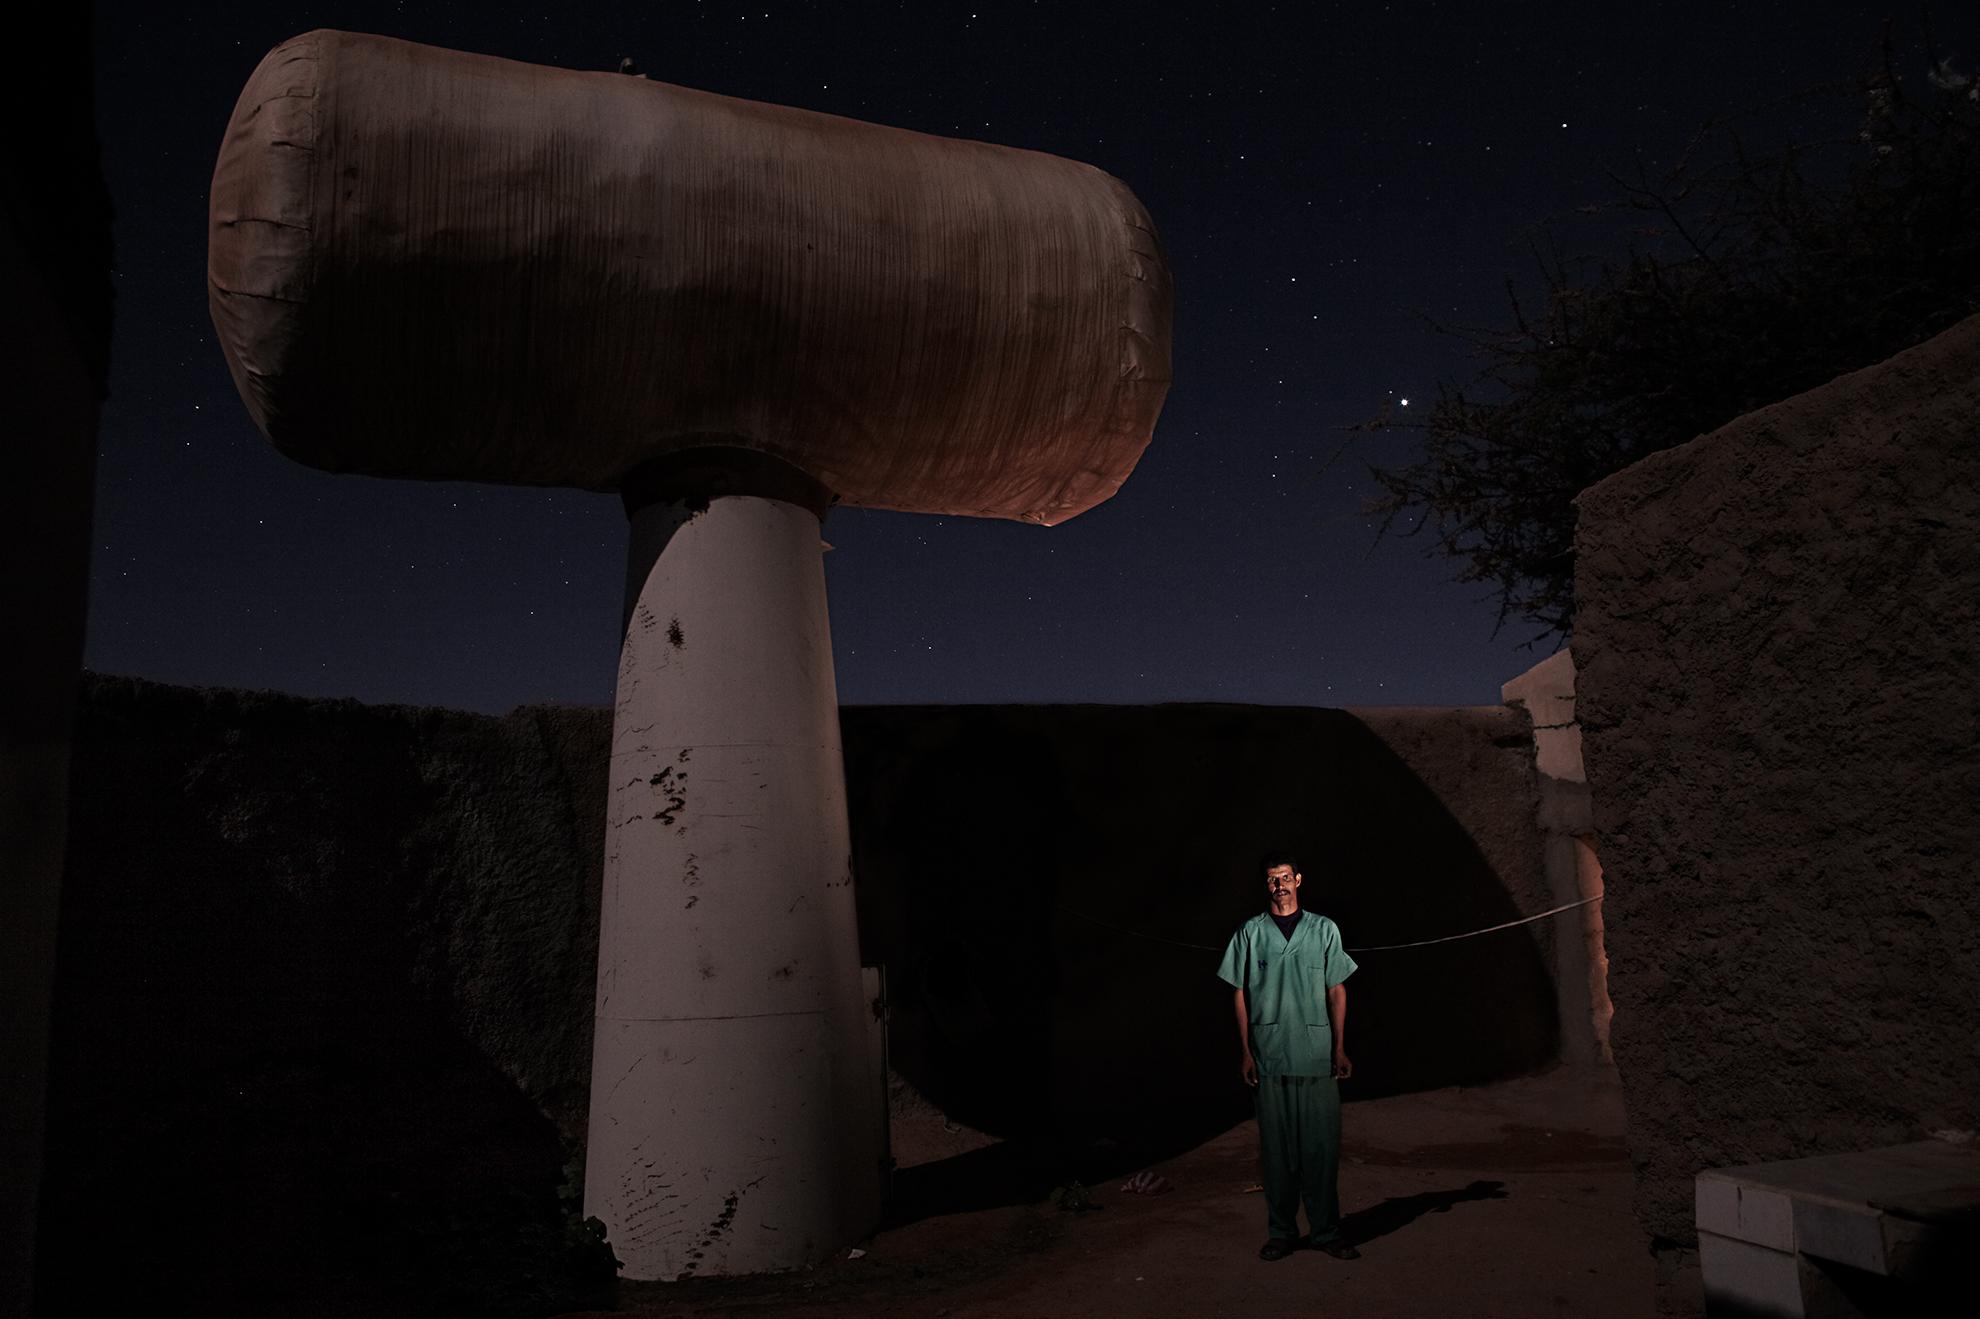 Brahim Salama Baaj, 38 años, enfermero, fotografiado en el hospital de Auserd, en el campo de refugiados de Auserd, Argelia.